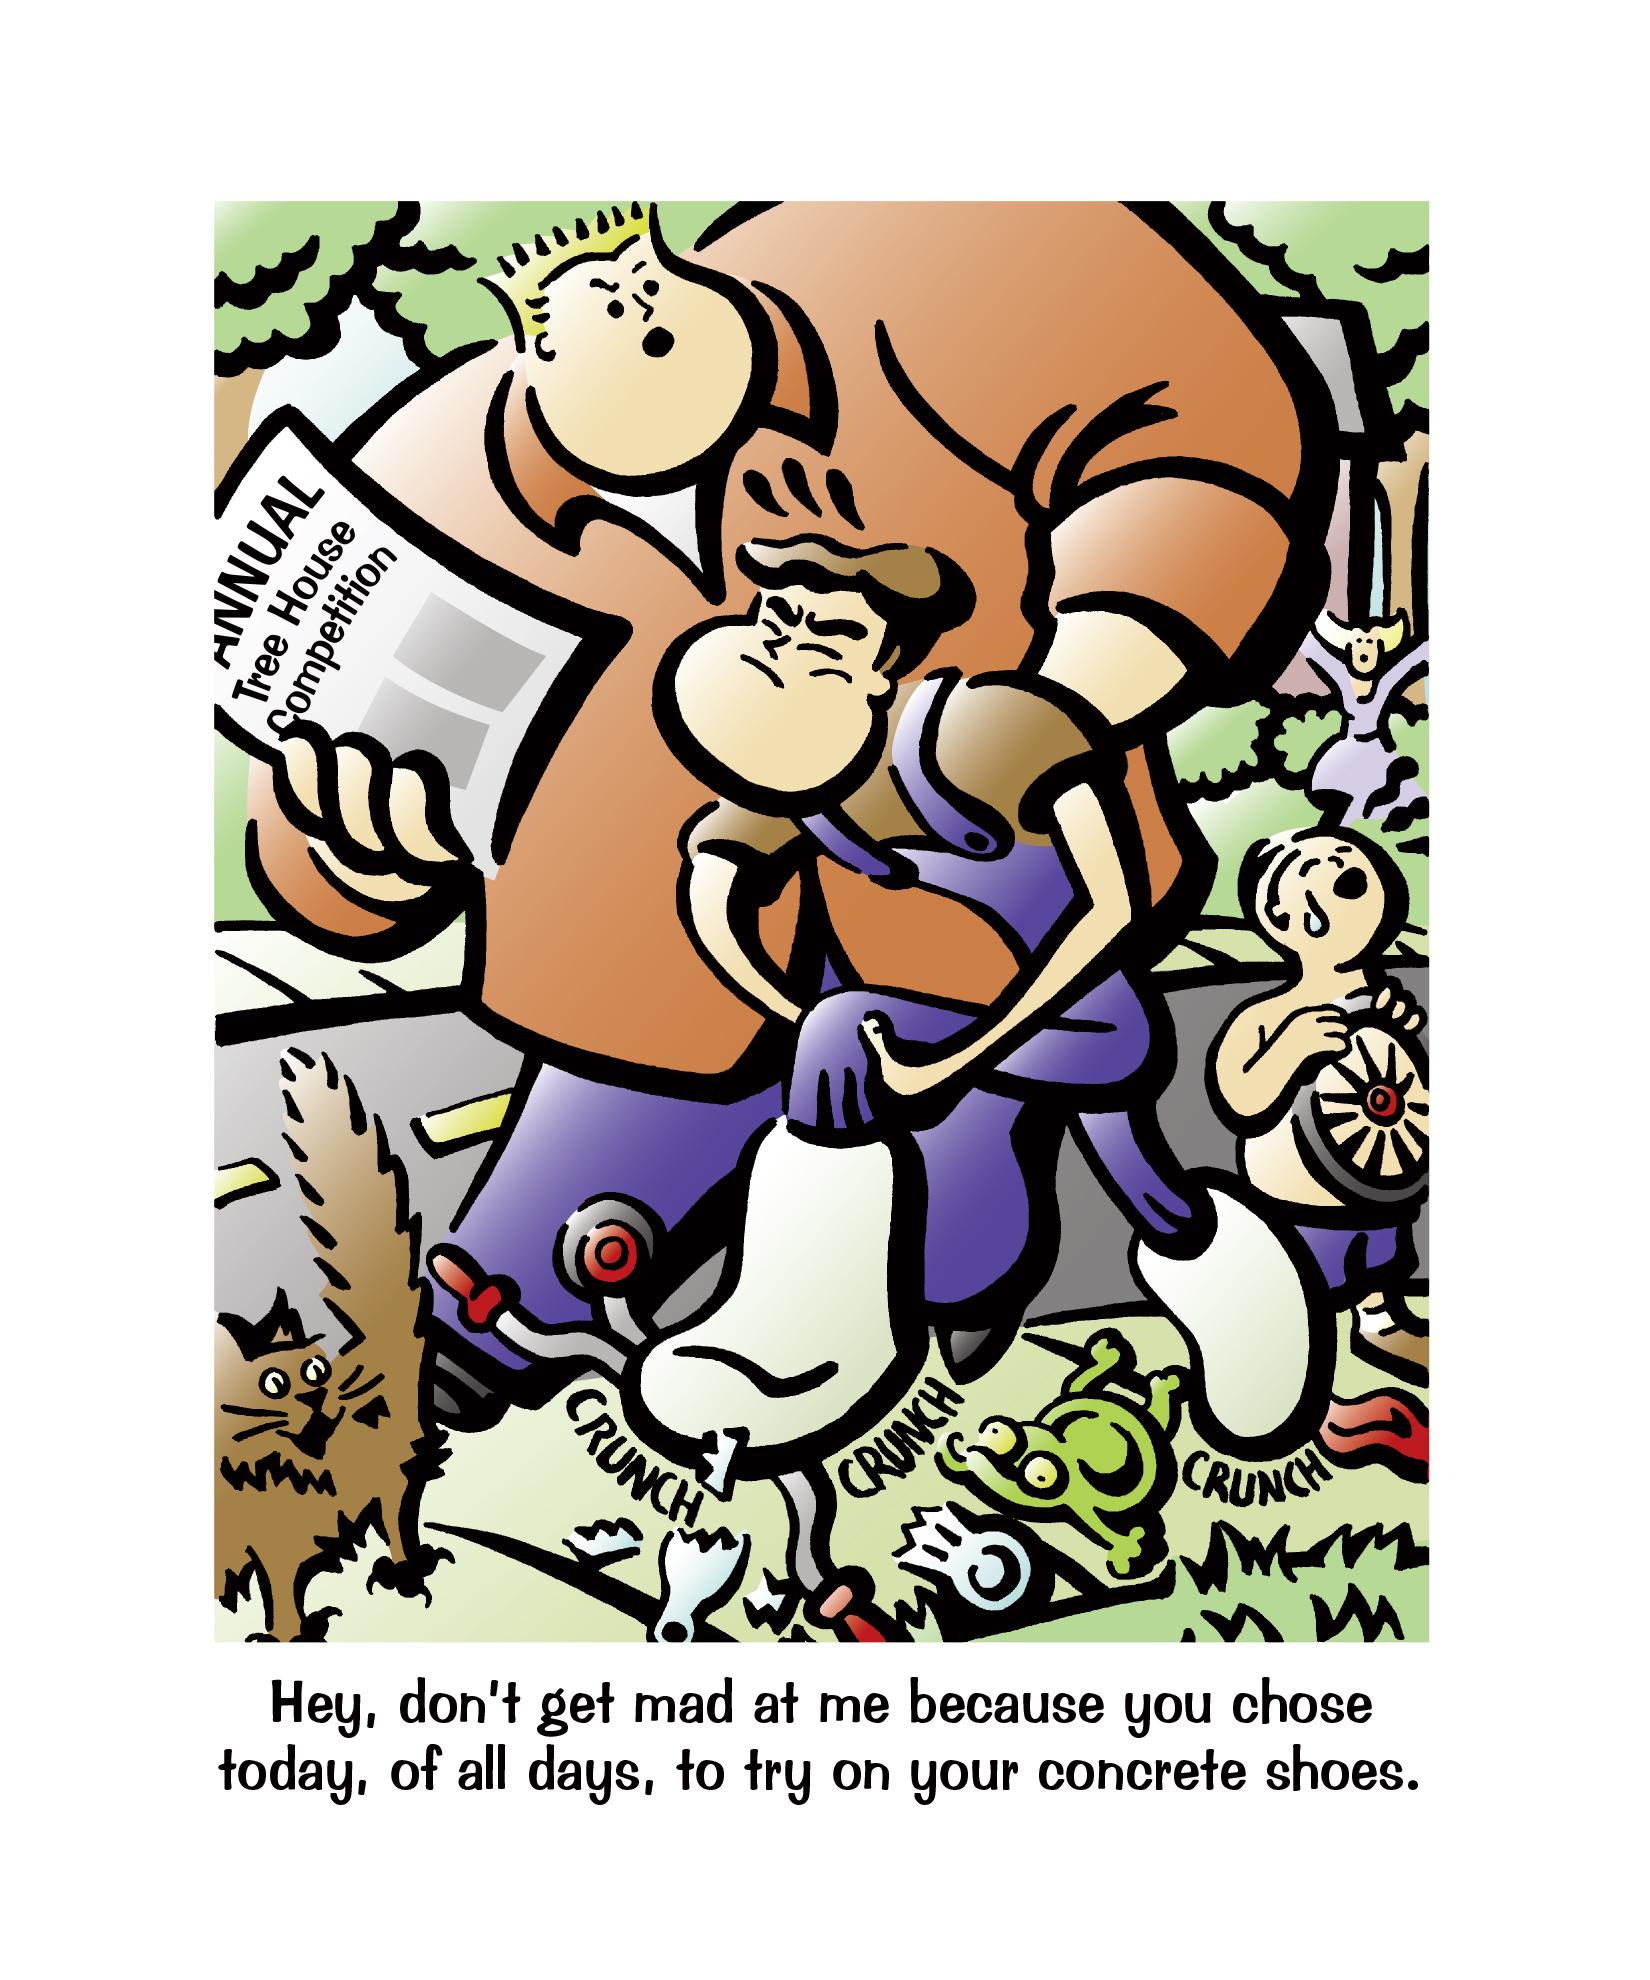 Concrete Jungle_Comic Strip 2_Daniel Gallant